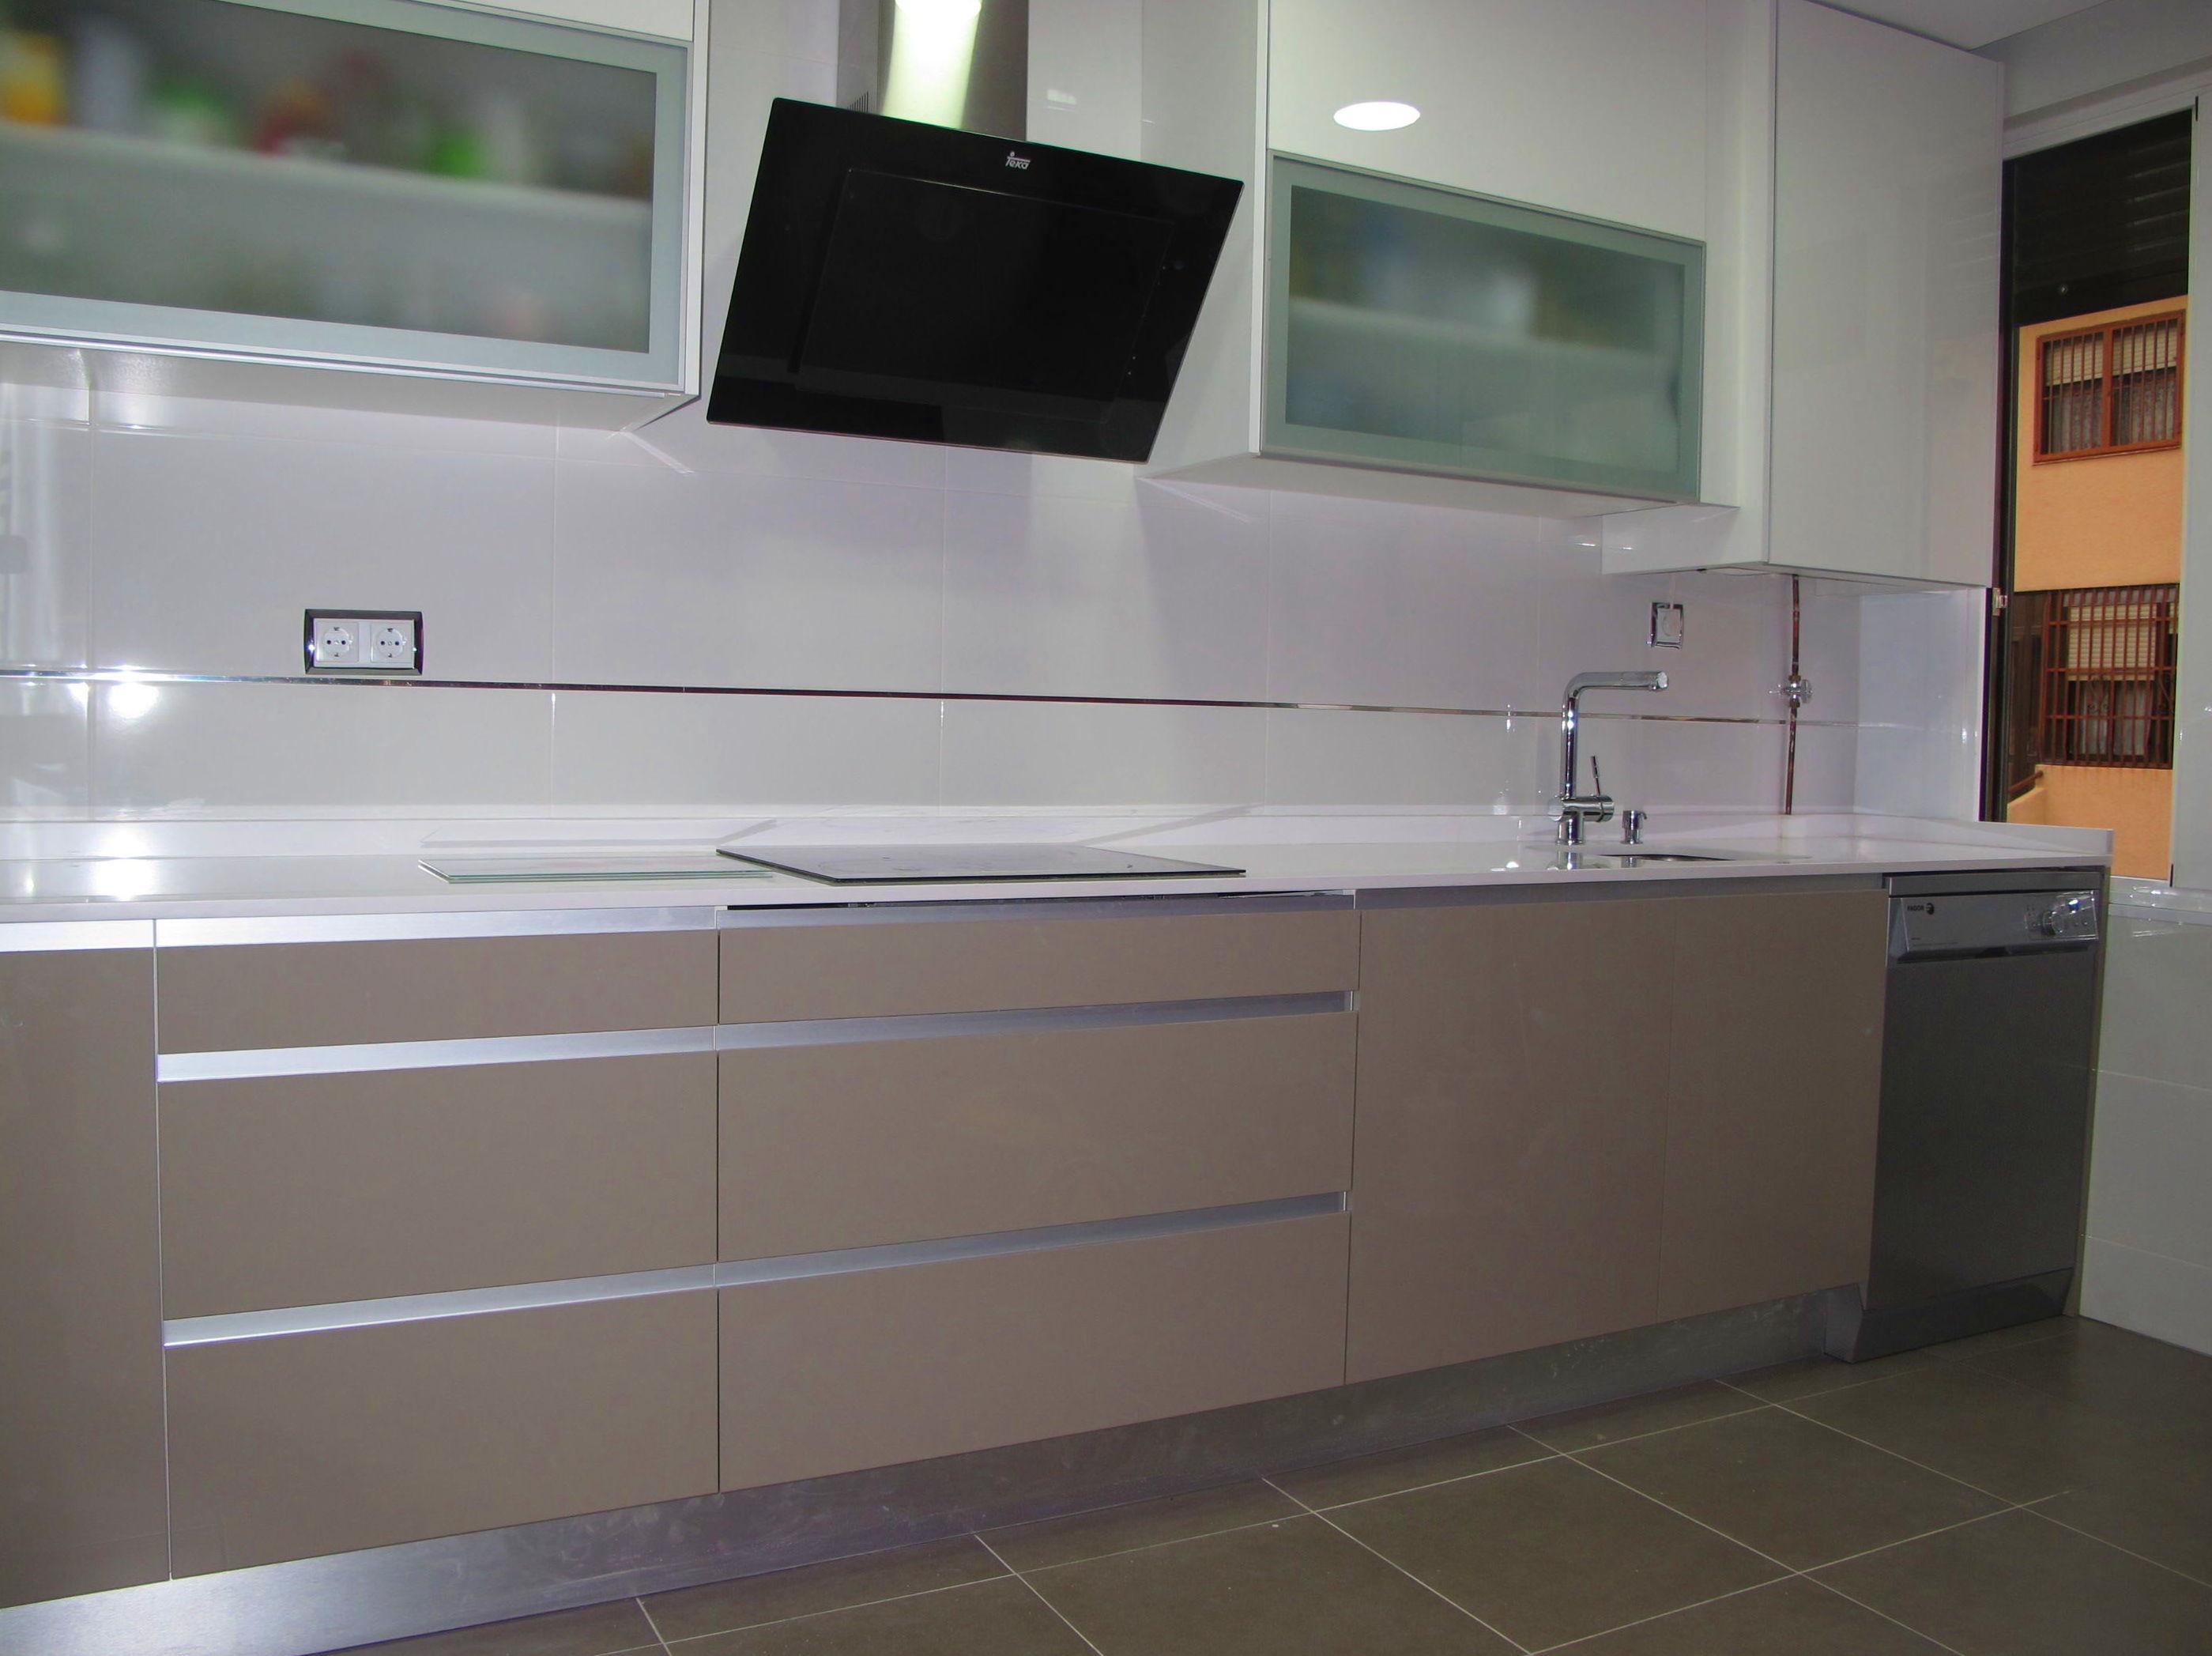 cocina con perfil aluminio en dos tonos